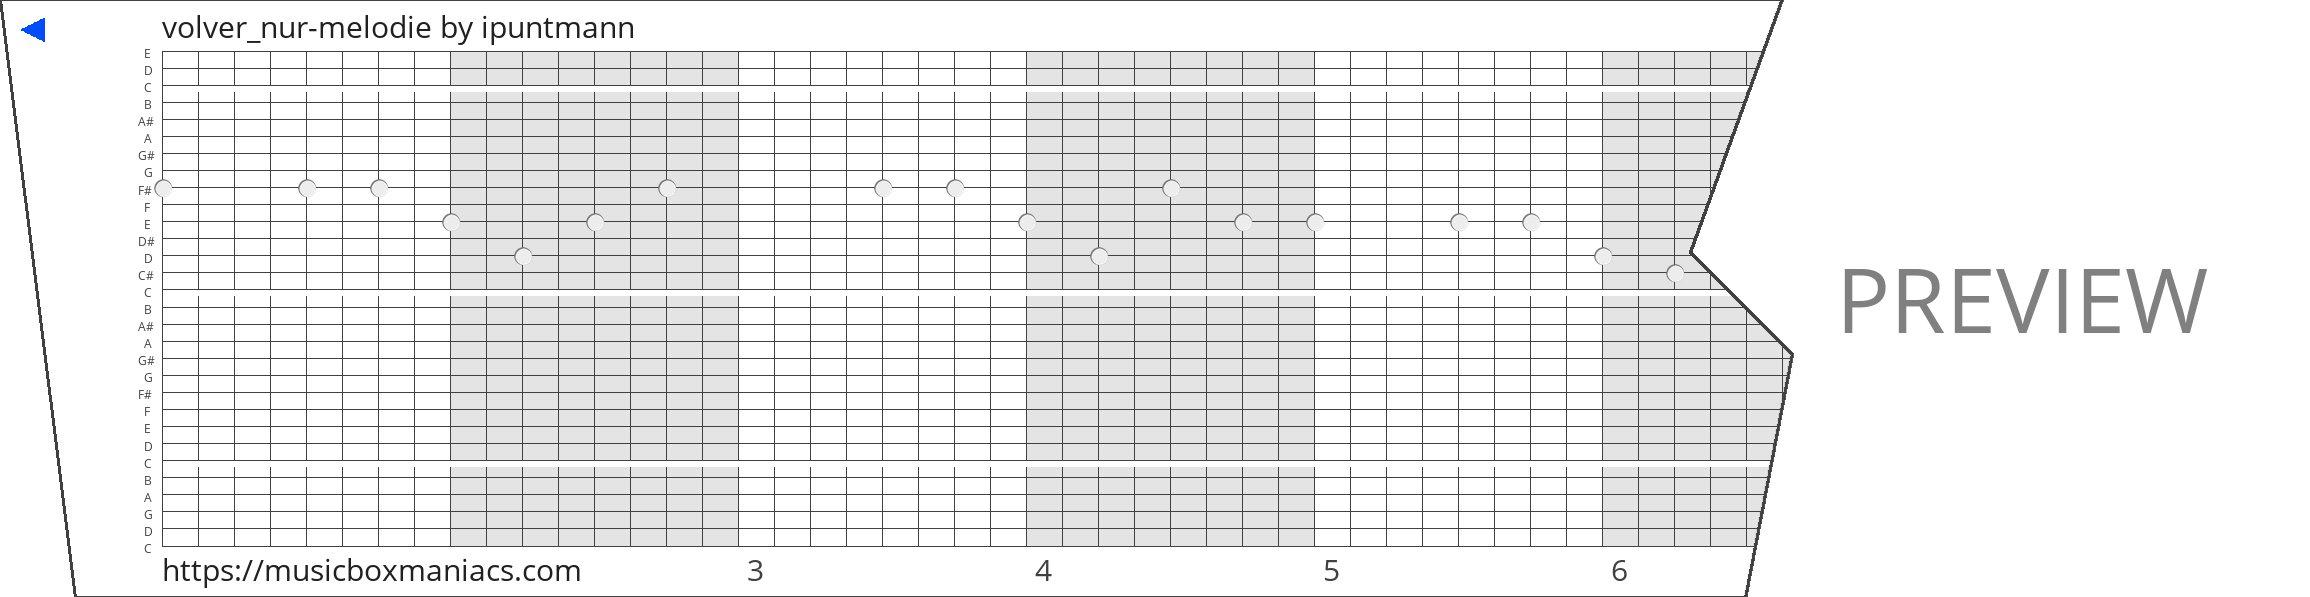 volver_nur-melodie 30 note music box paper strip